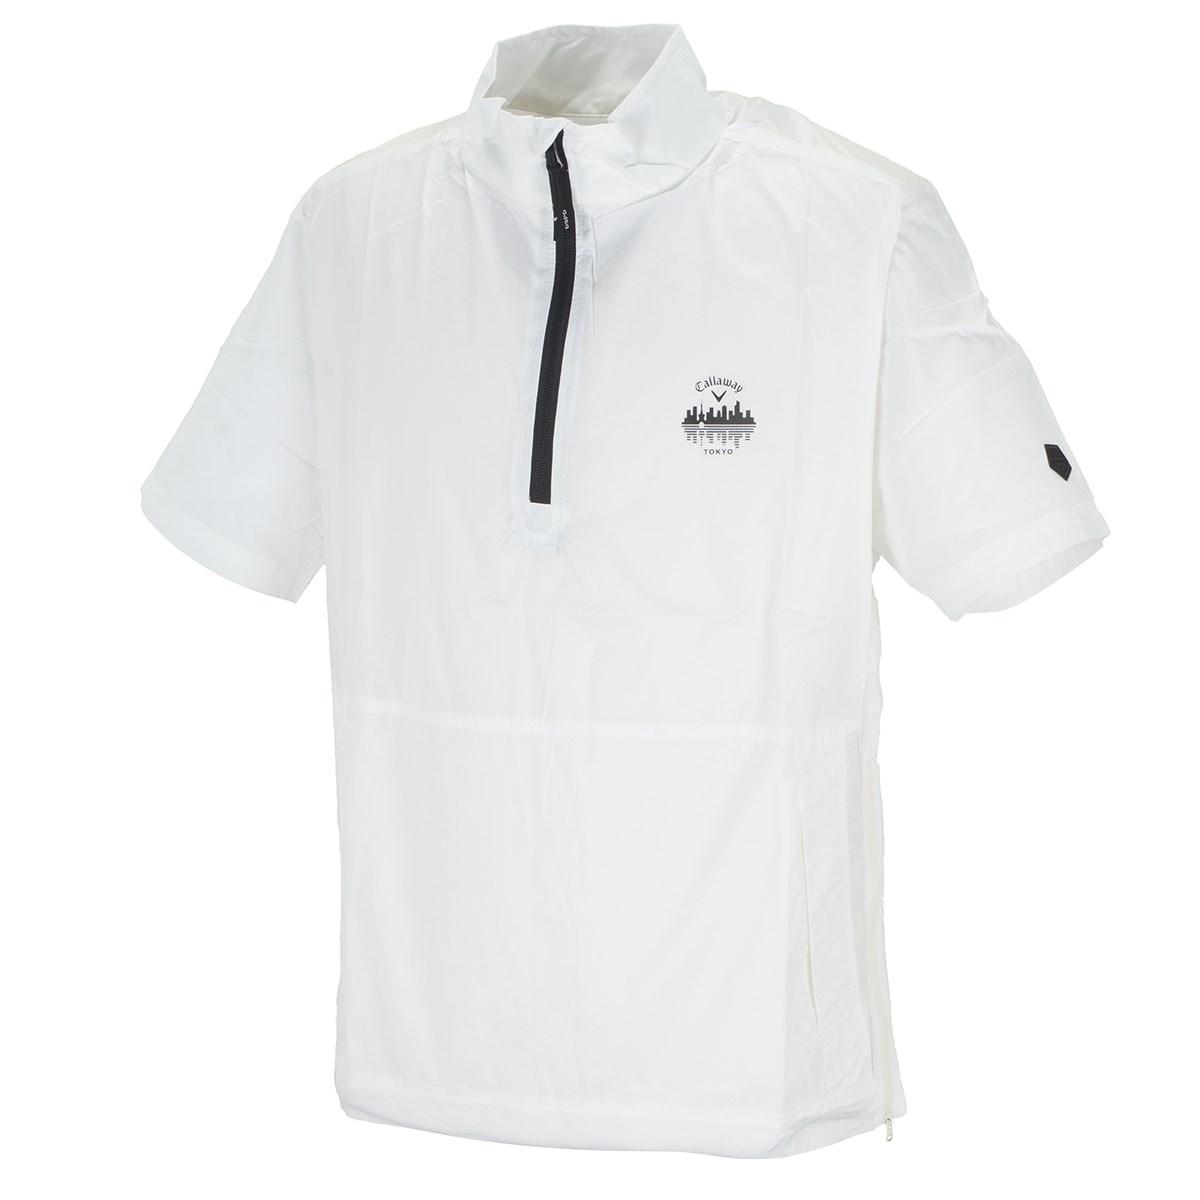 キャロウェイゴルフ Callaway Golf レギュラーシルエット リップストップ 半袖ブルゾン M ホワイト 030